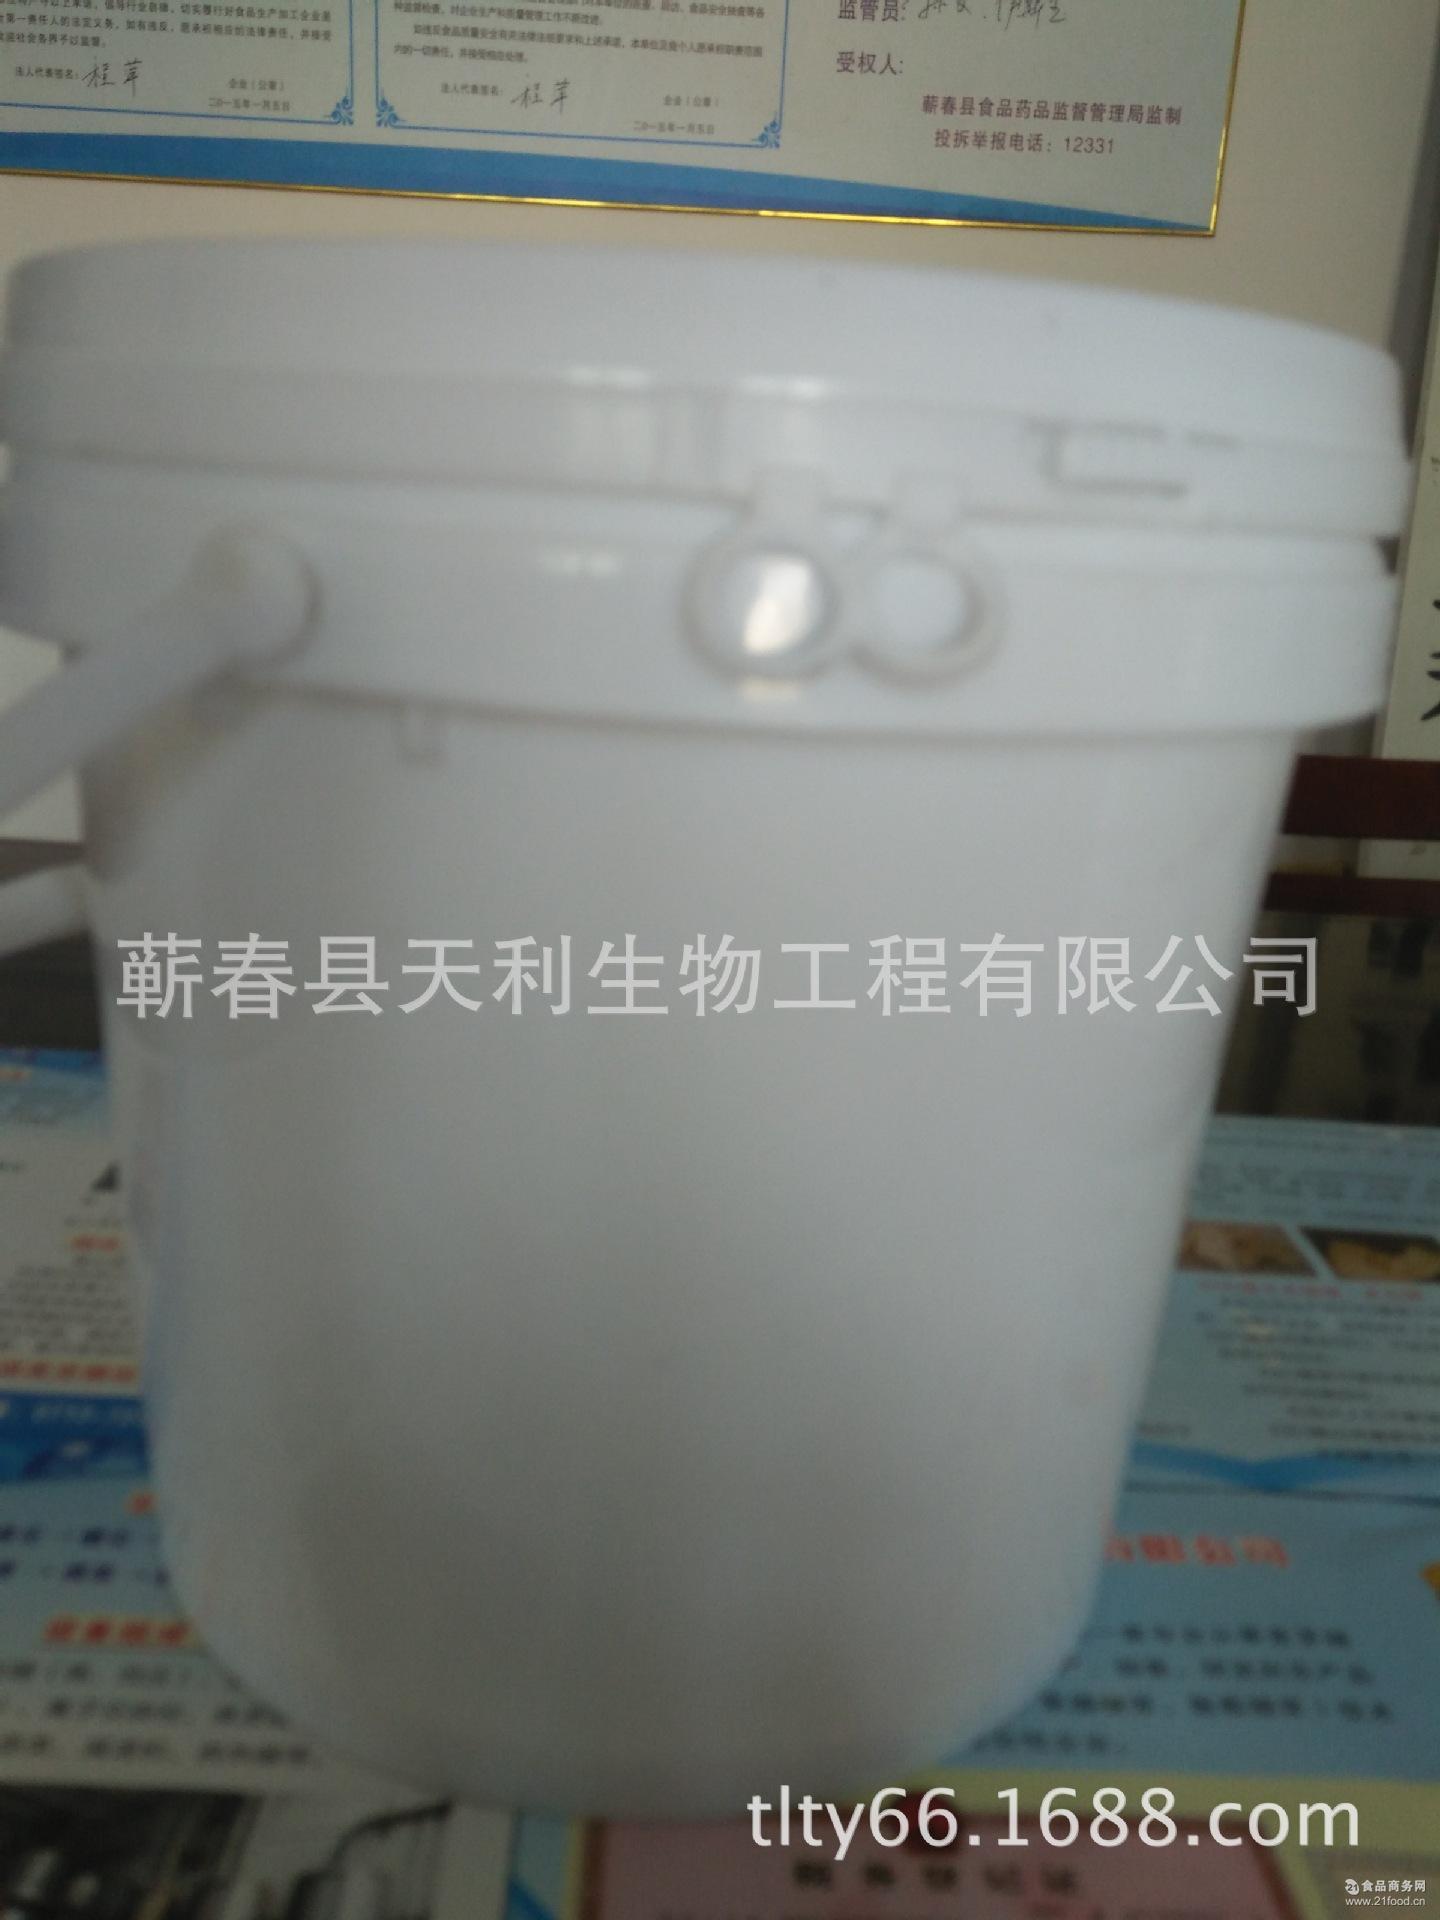 搅搅糖童年美好回忆 烘焙原料87度5公斤小包装麦芽糖饴糖糖稀